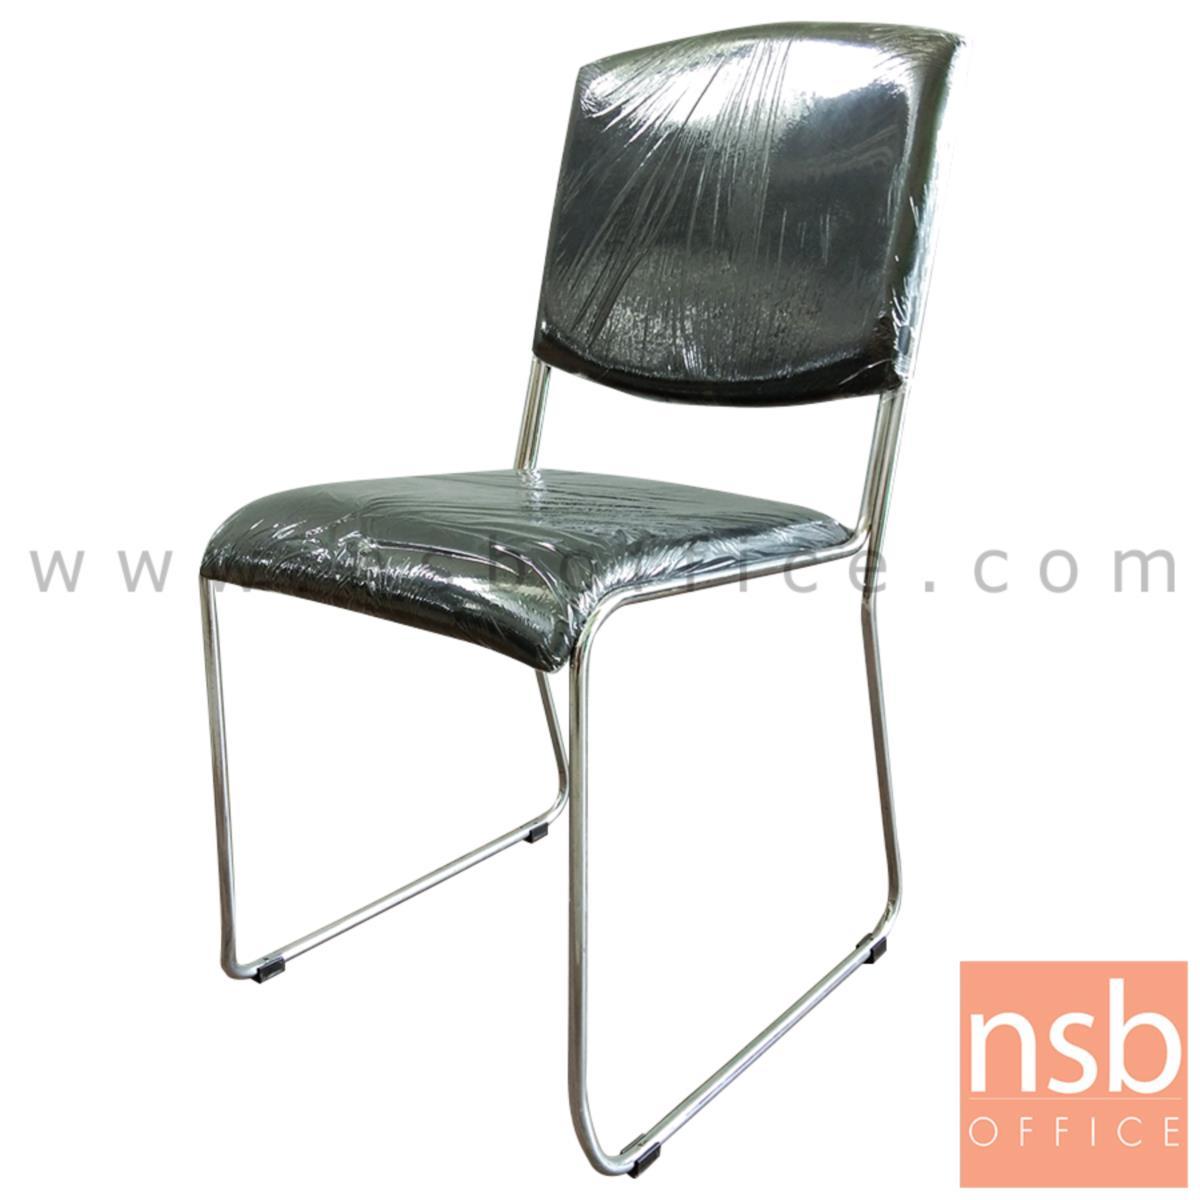 B05A166:เก้าอี้รับแขกขาตัวยู  ขนาด 85H cm.  ขาเหล็กชุบโครเมี่ยม